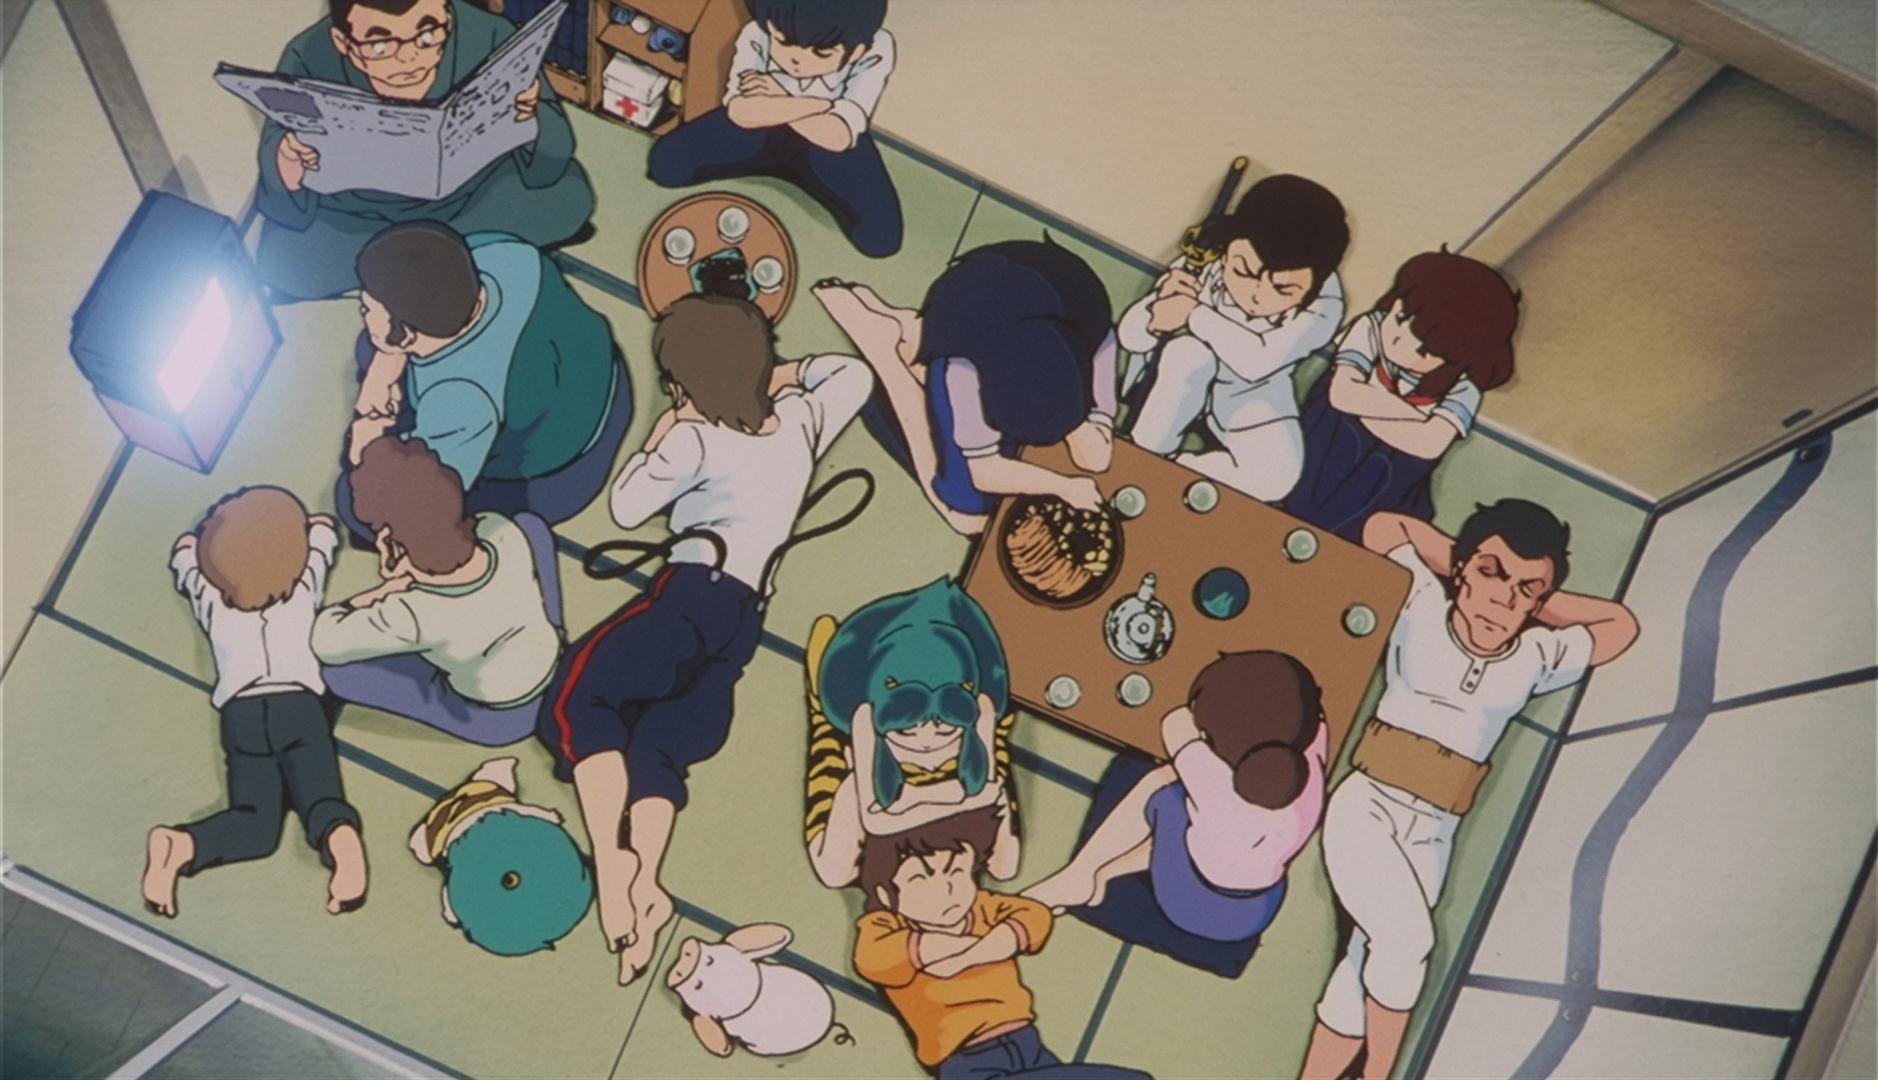 Urusei Yatsura 2 - The Characters